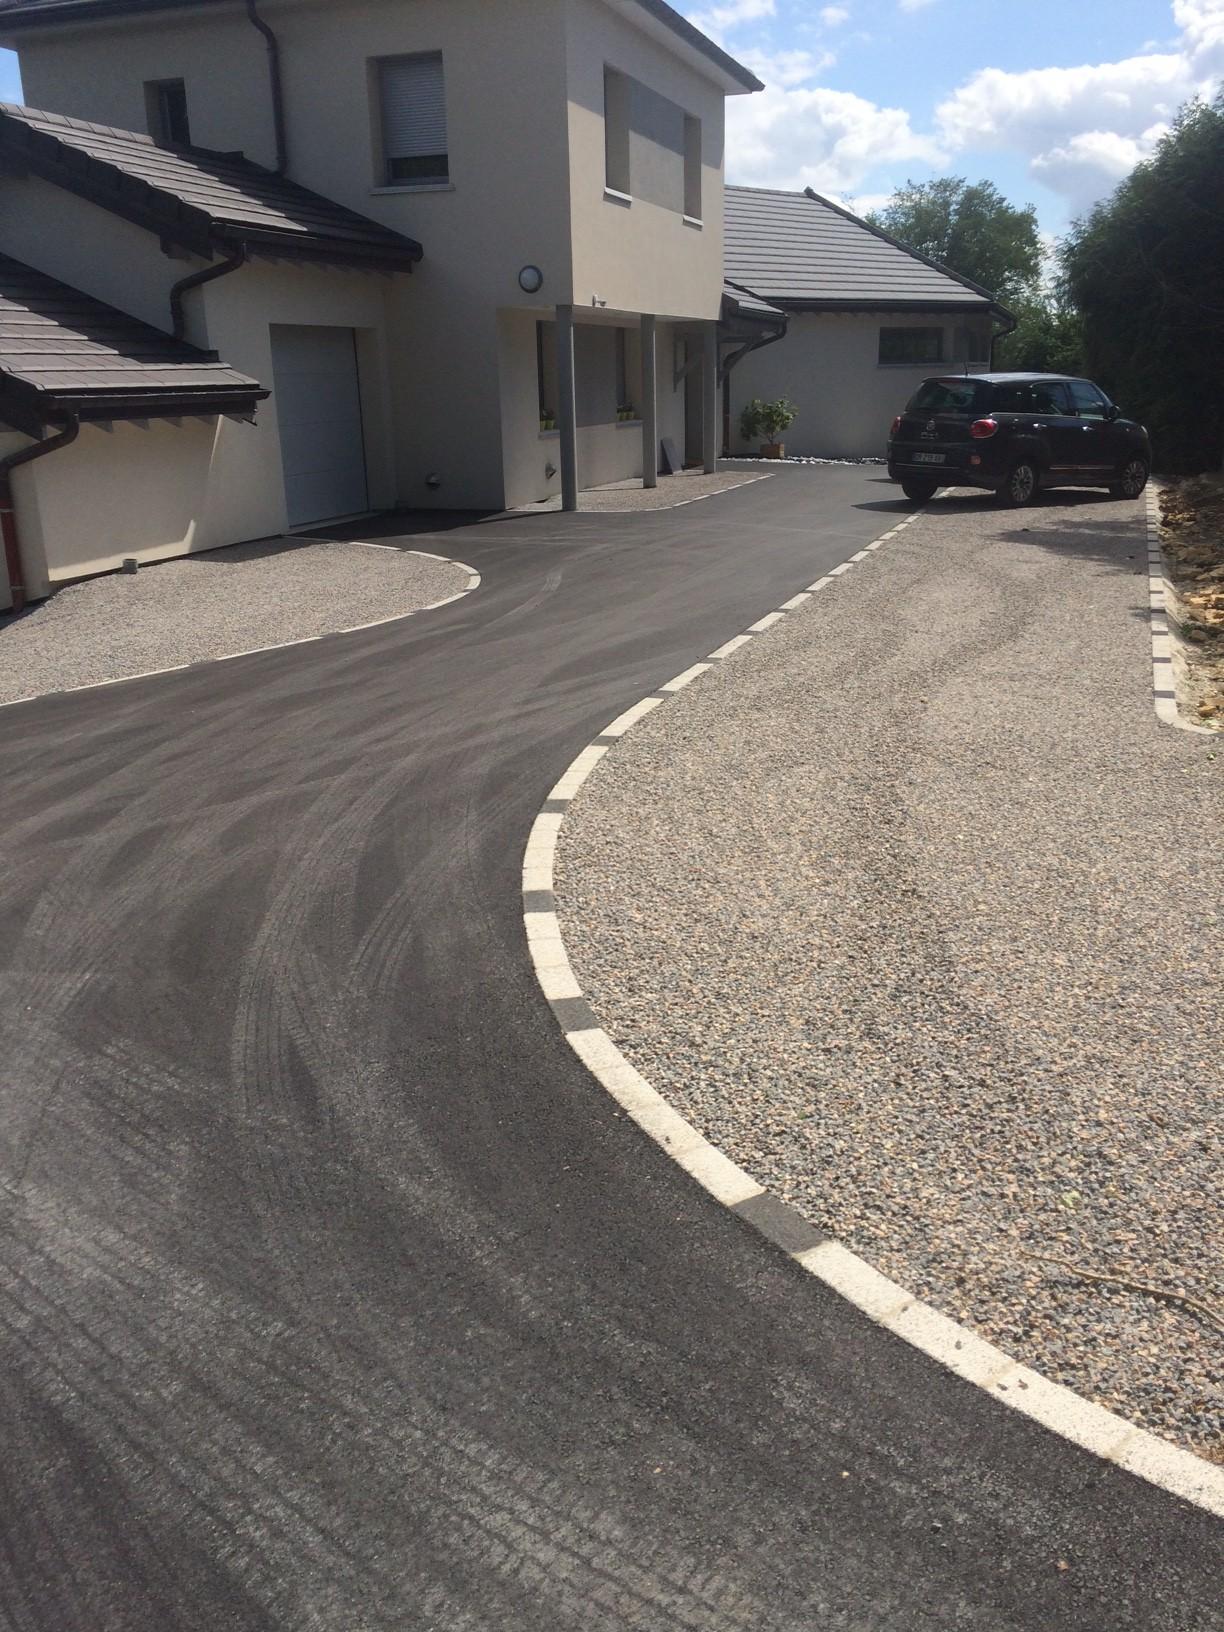 cour mixte réalisée en enrobé et en bi-couche, le tout séparés par des pavés type Kronimus Harmonie gris clair et anthracite, réalisé par l'entreprise CUINET basée à Tarcenay vers Besançon dans le Doubs